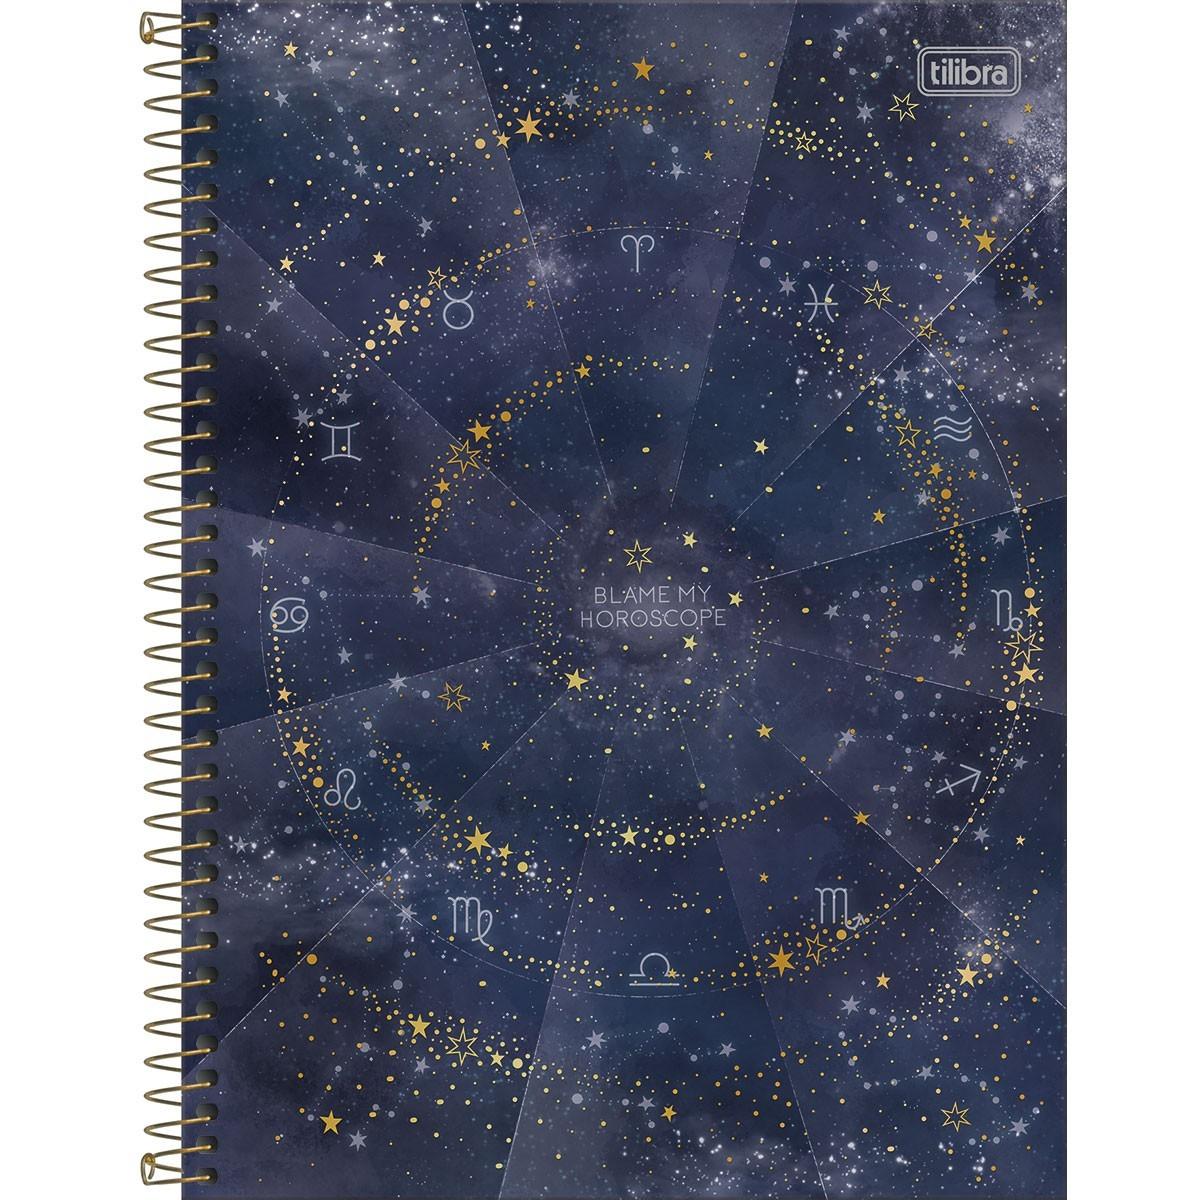 Agenda Espiral Dura Magic 80 Folhas Tilibra 2021 Blame My Horoscope